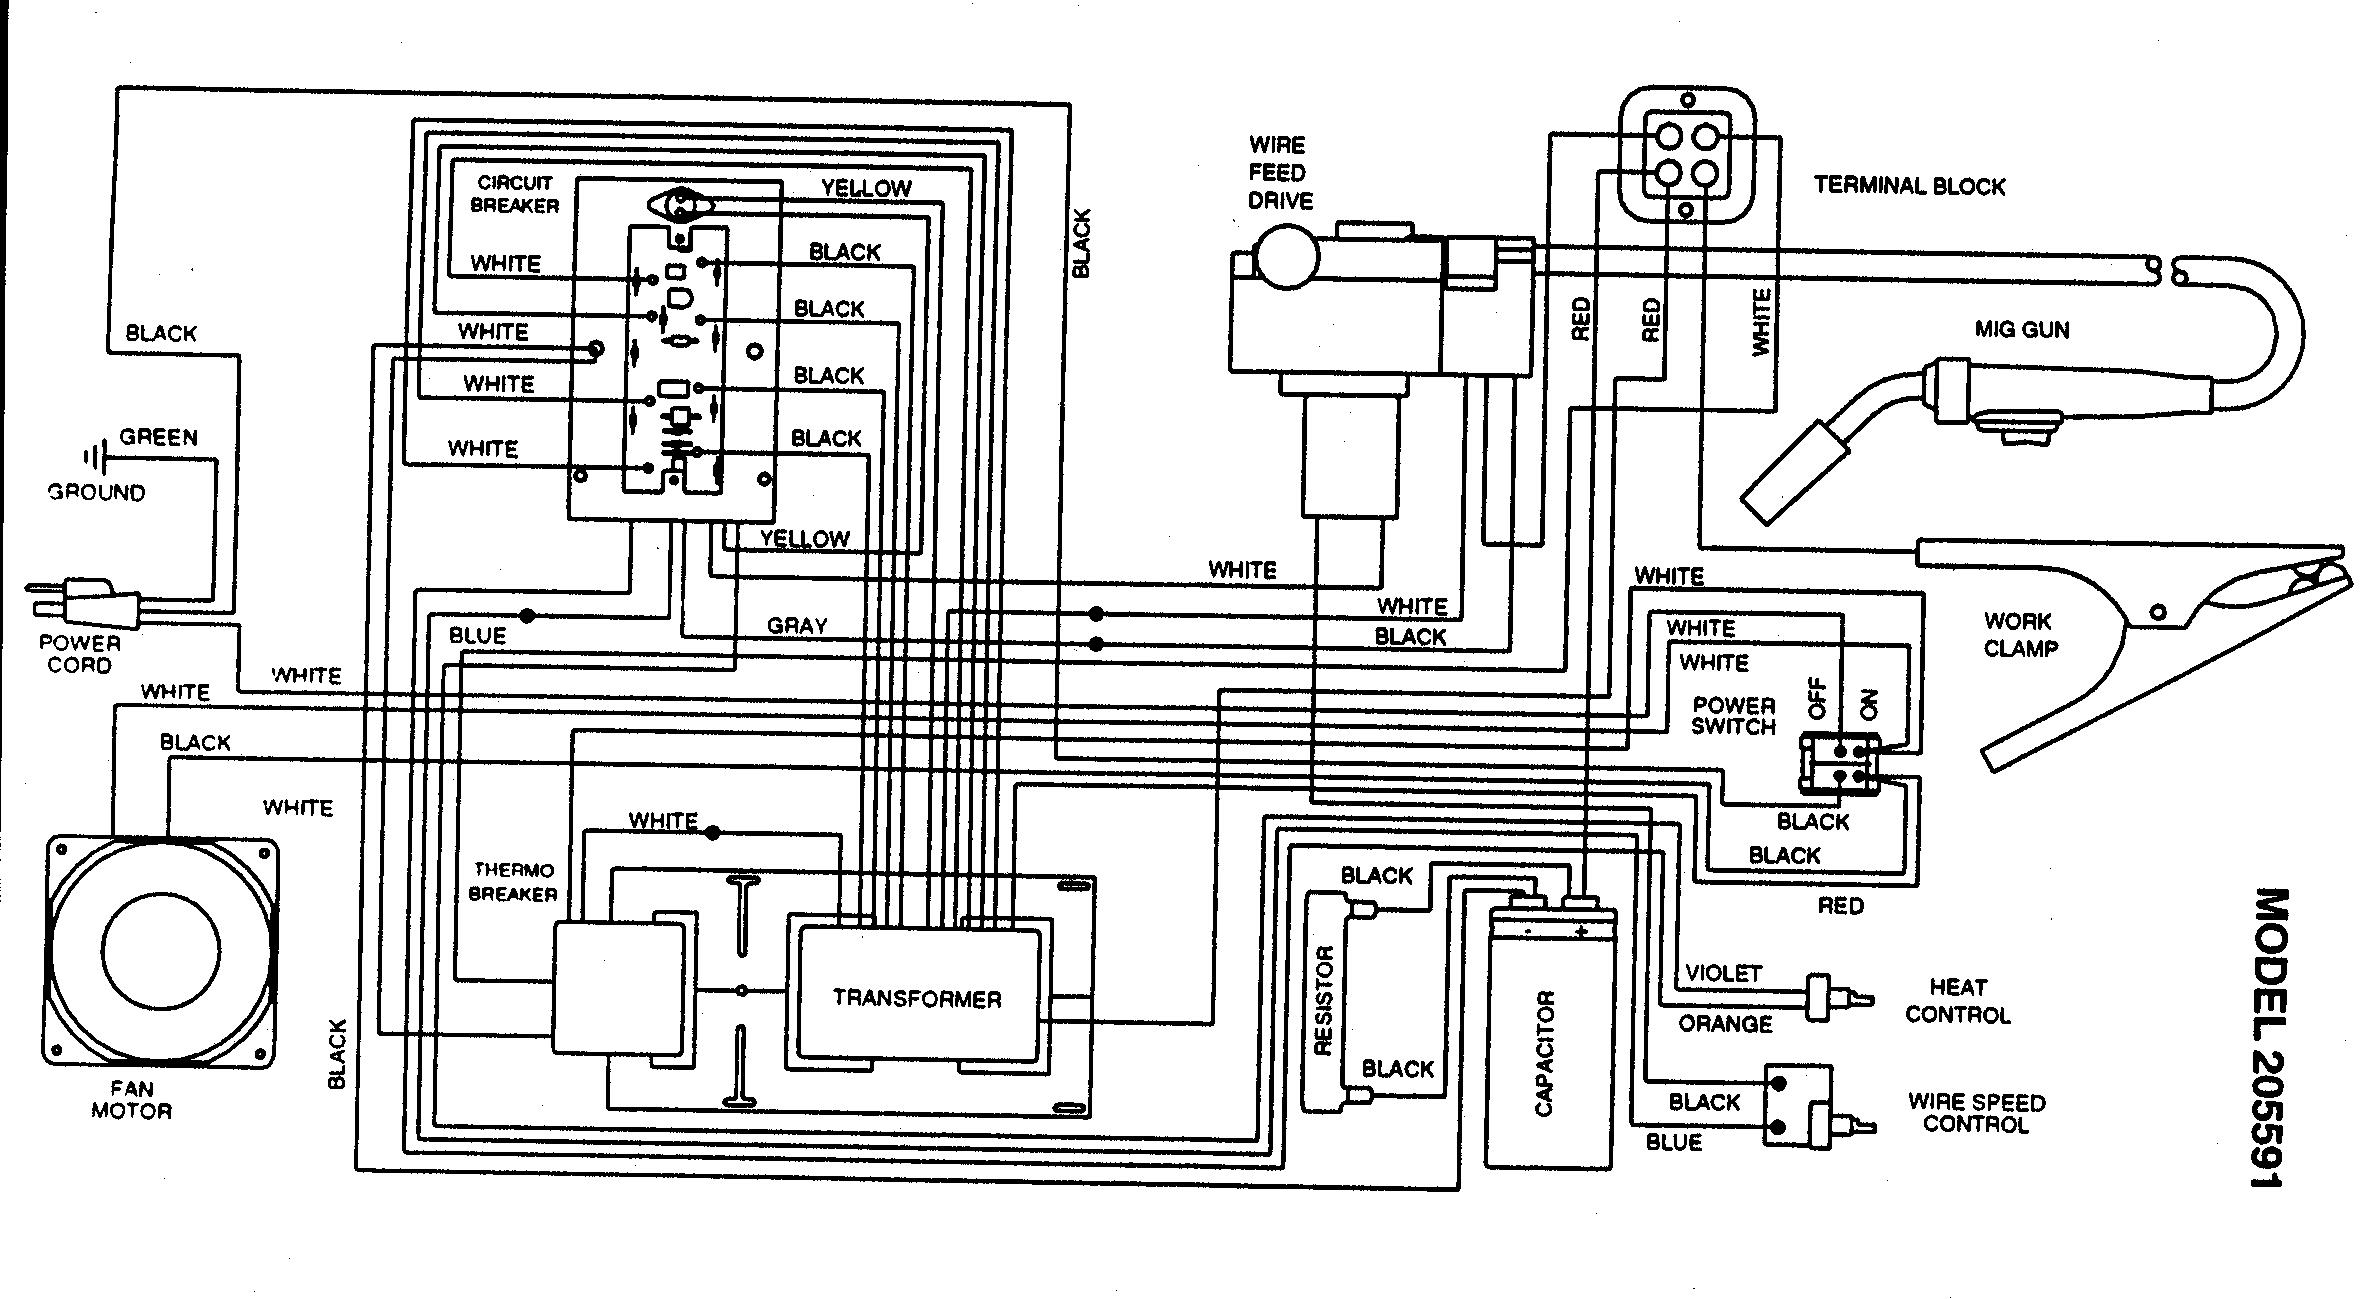 welder wiring diagram get image about wiring diagram